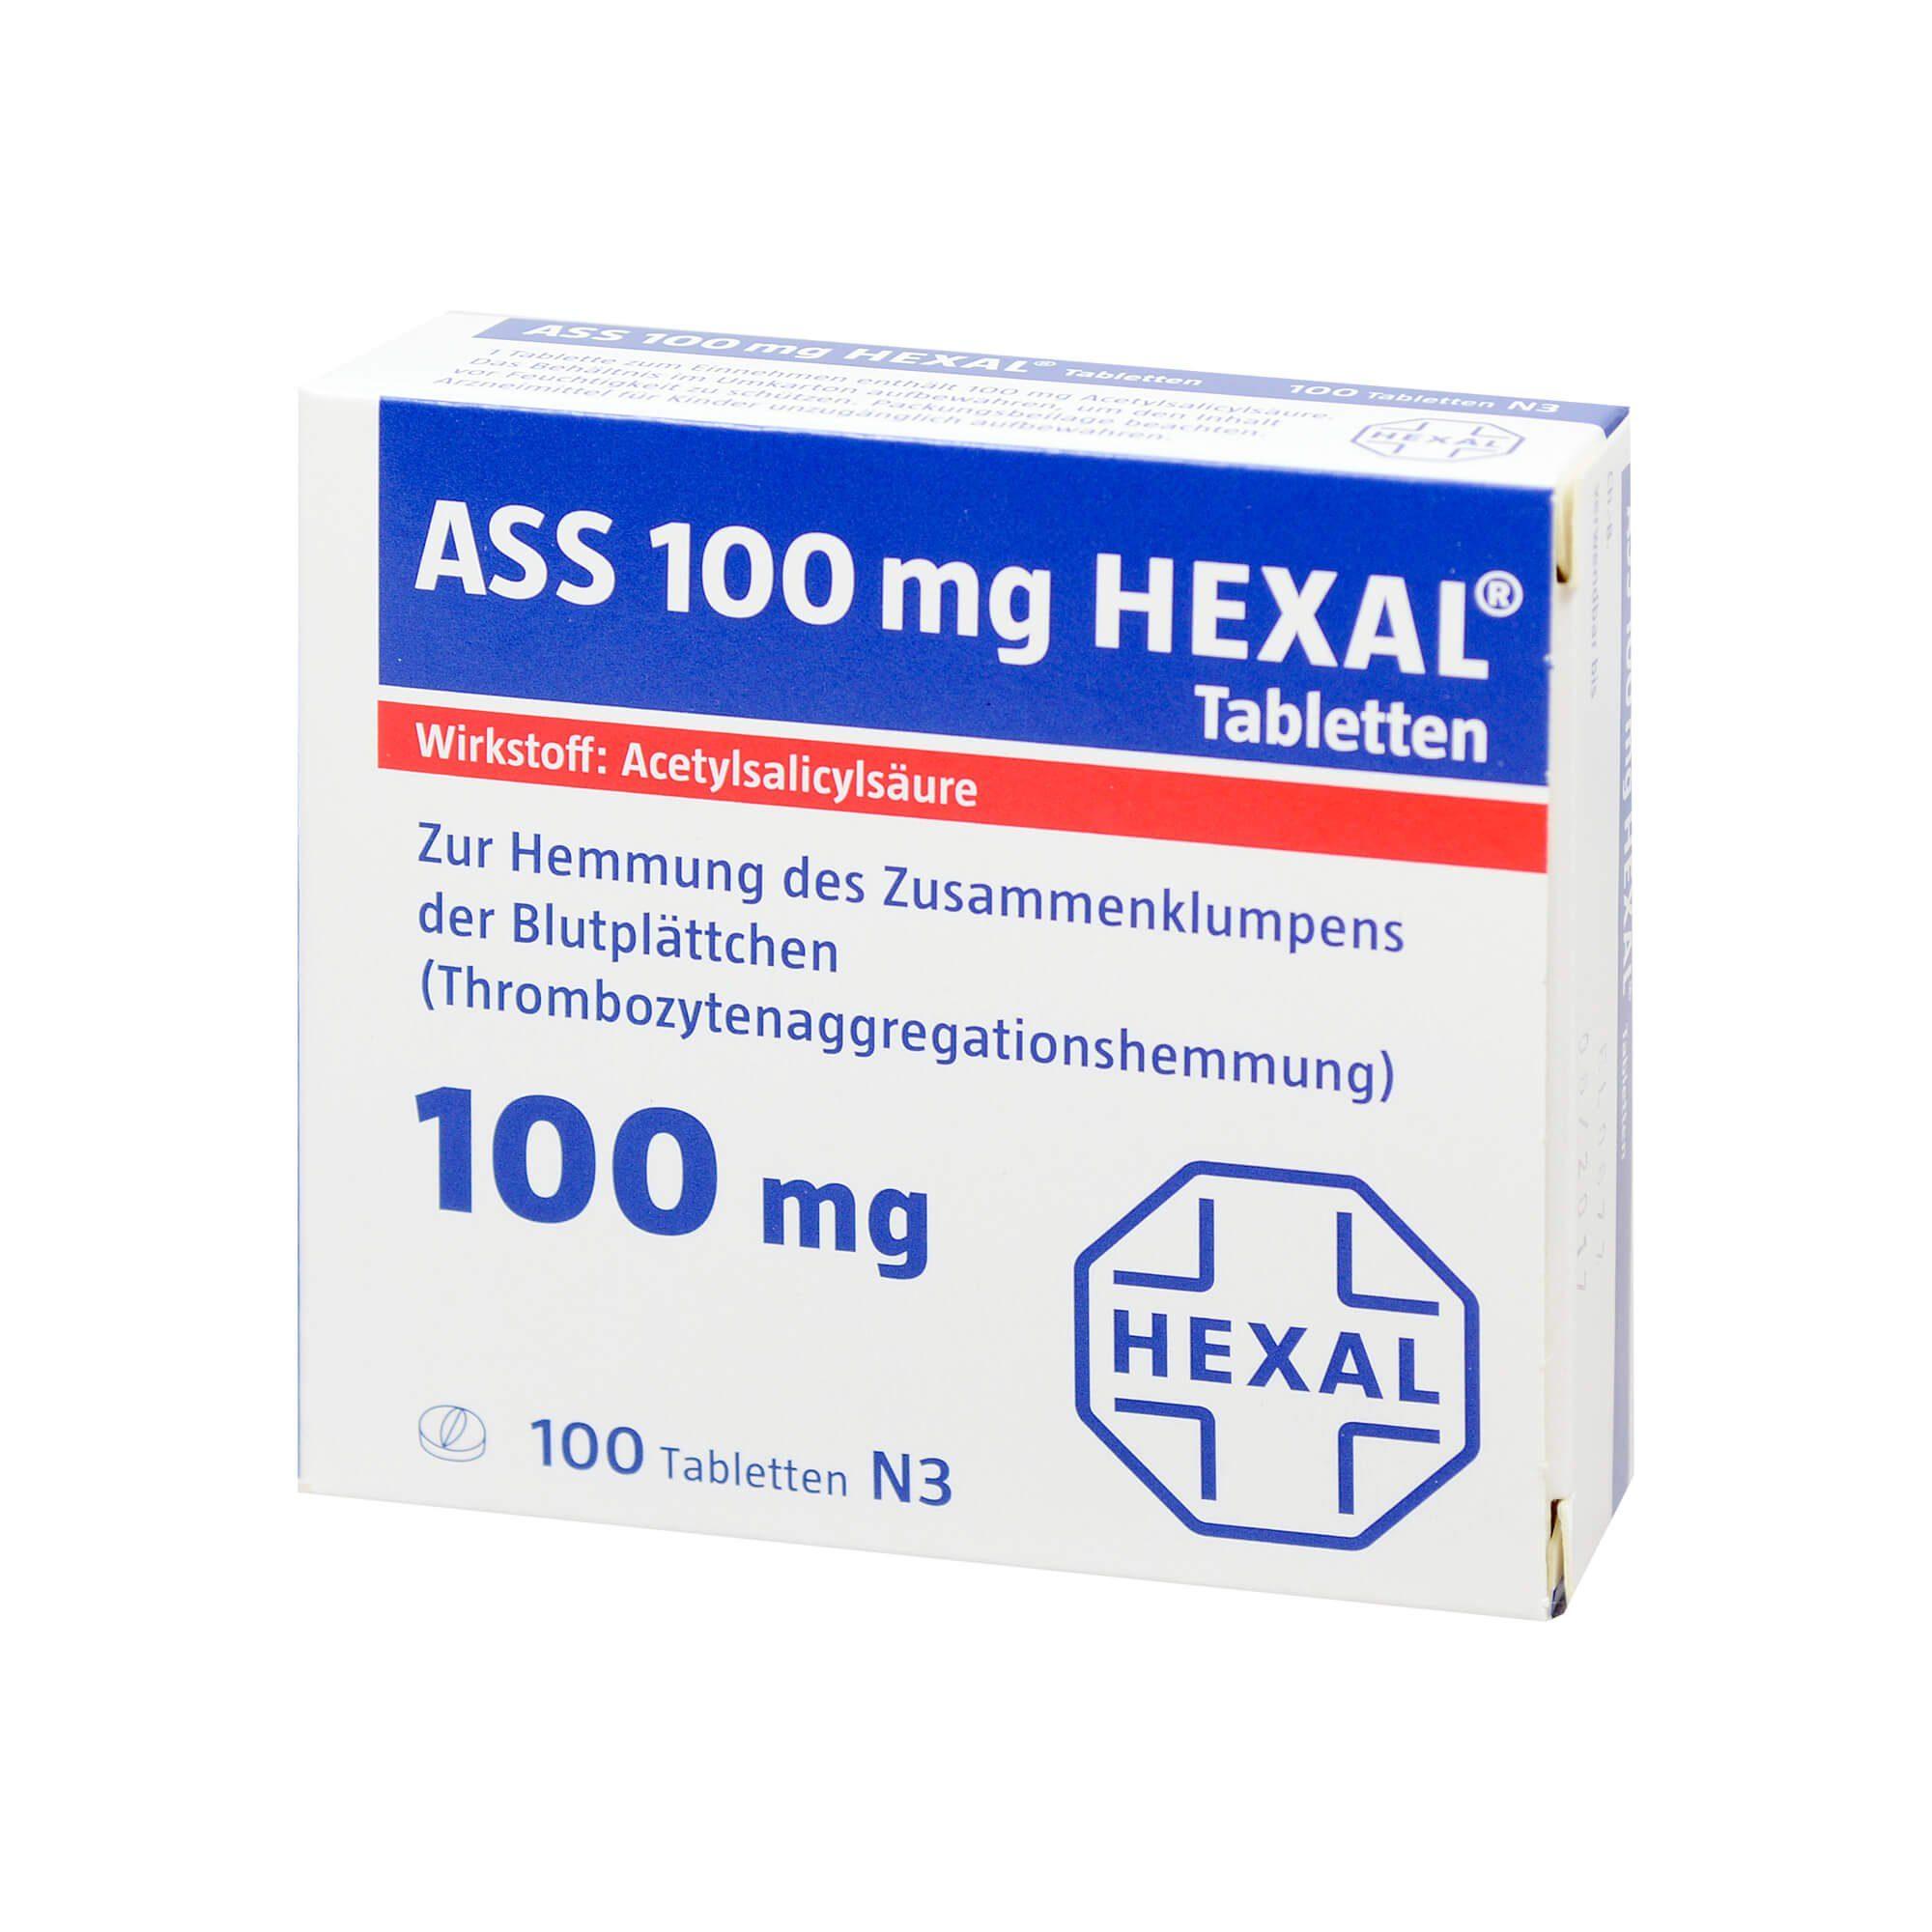 ASS 100 mg Hexal, 100 St